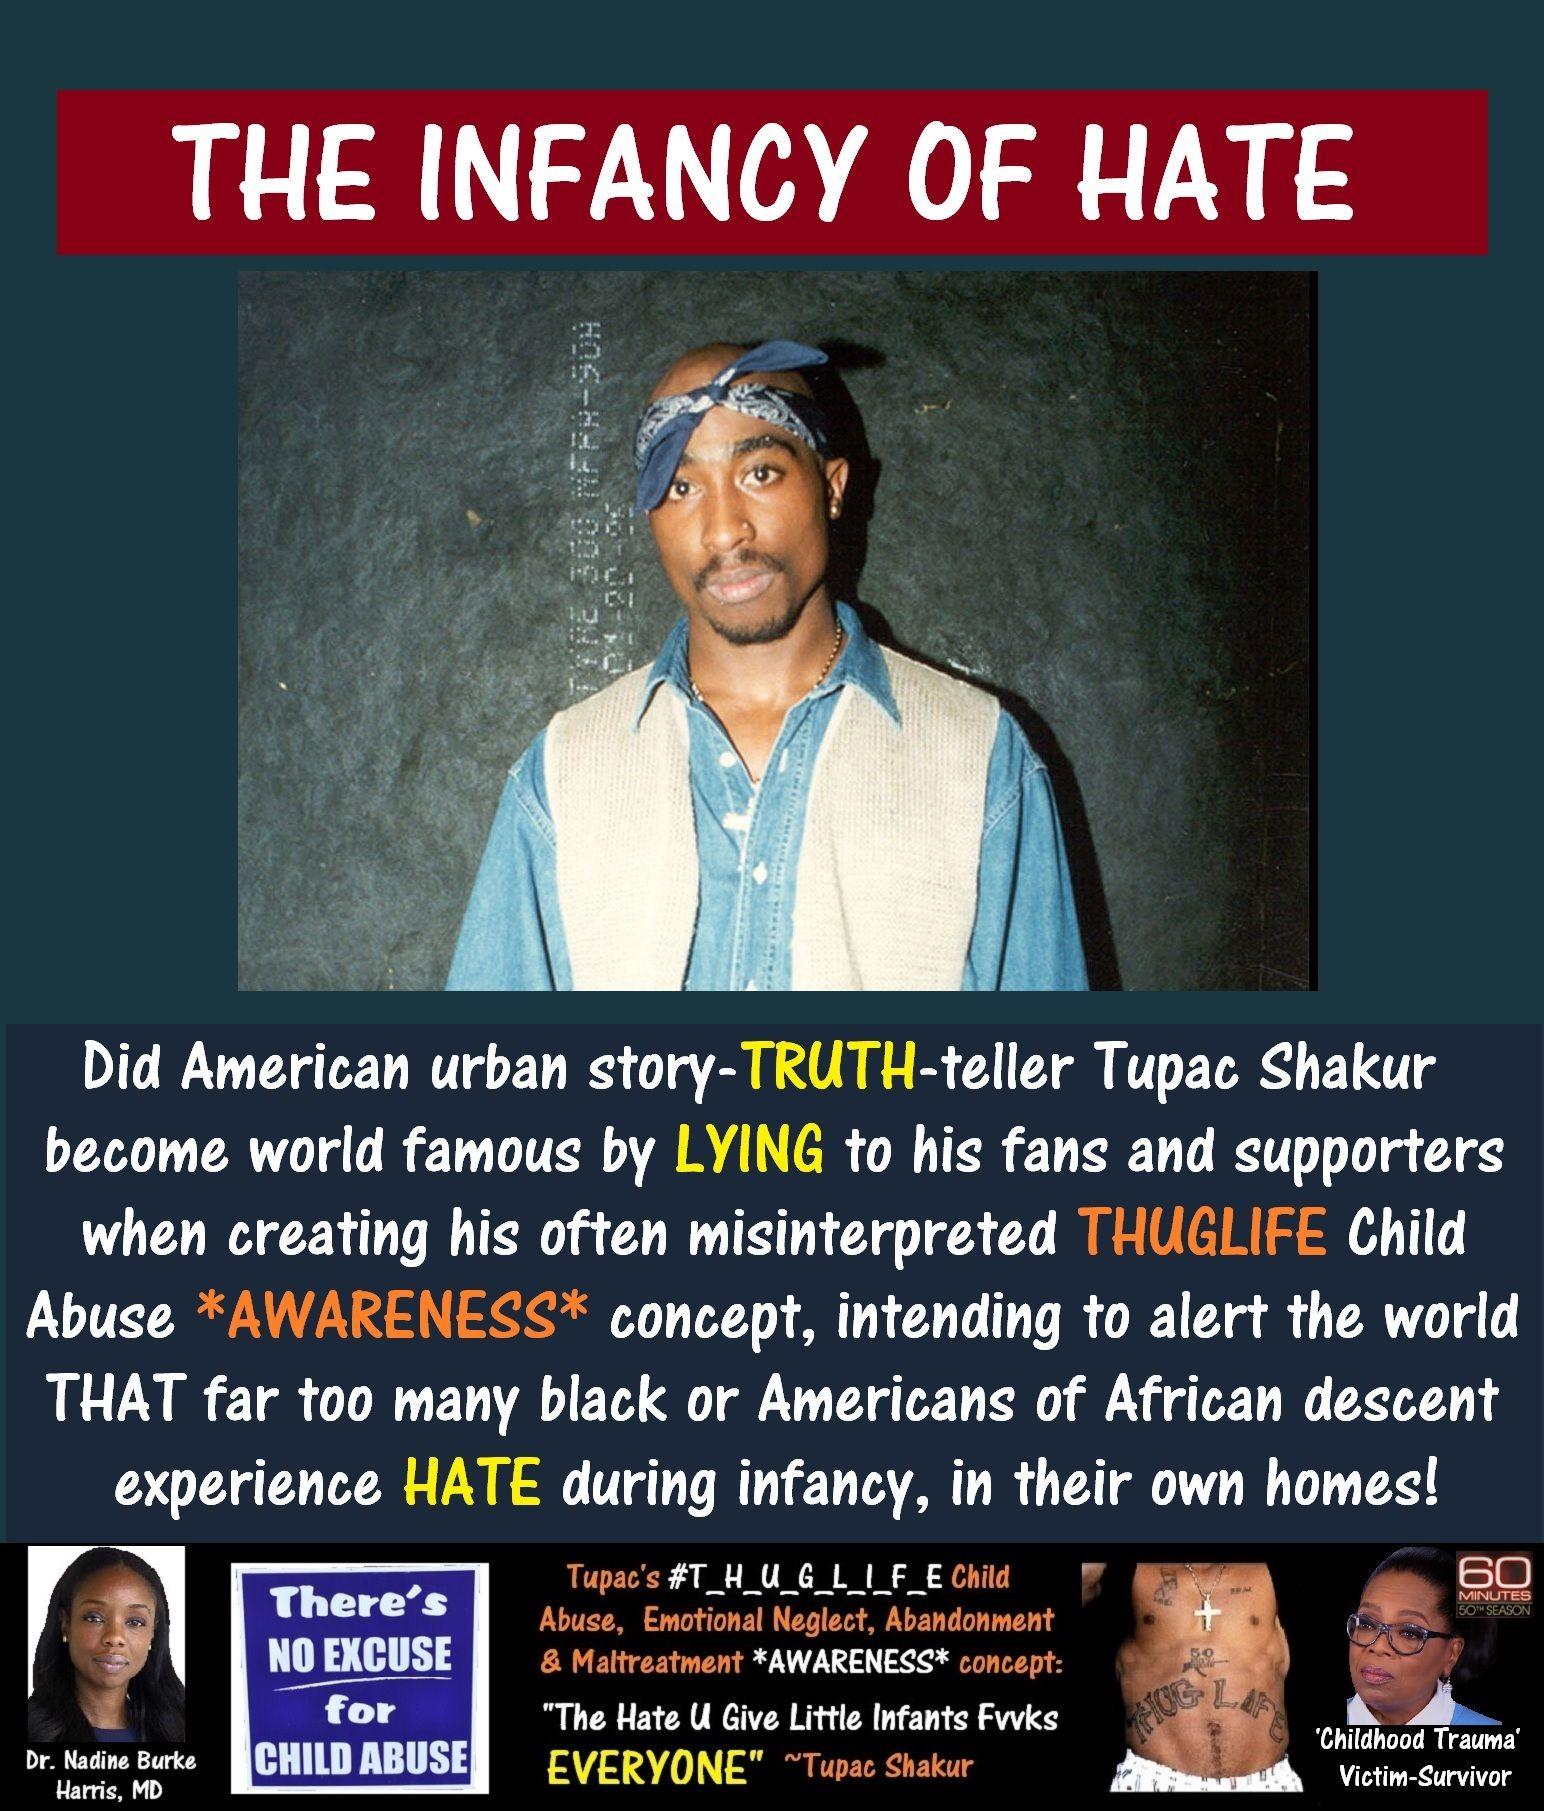 THE INFANCY OF HATE_TUPAC.jpg